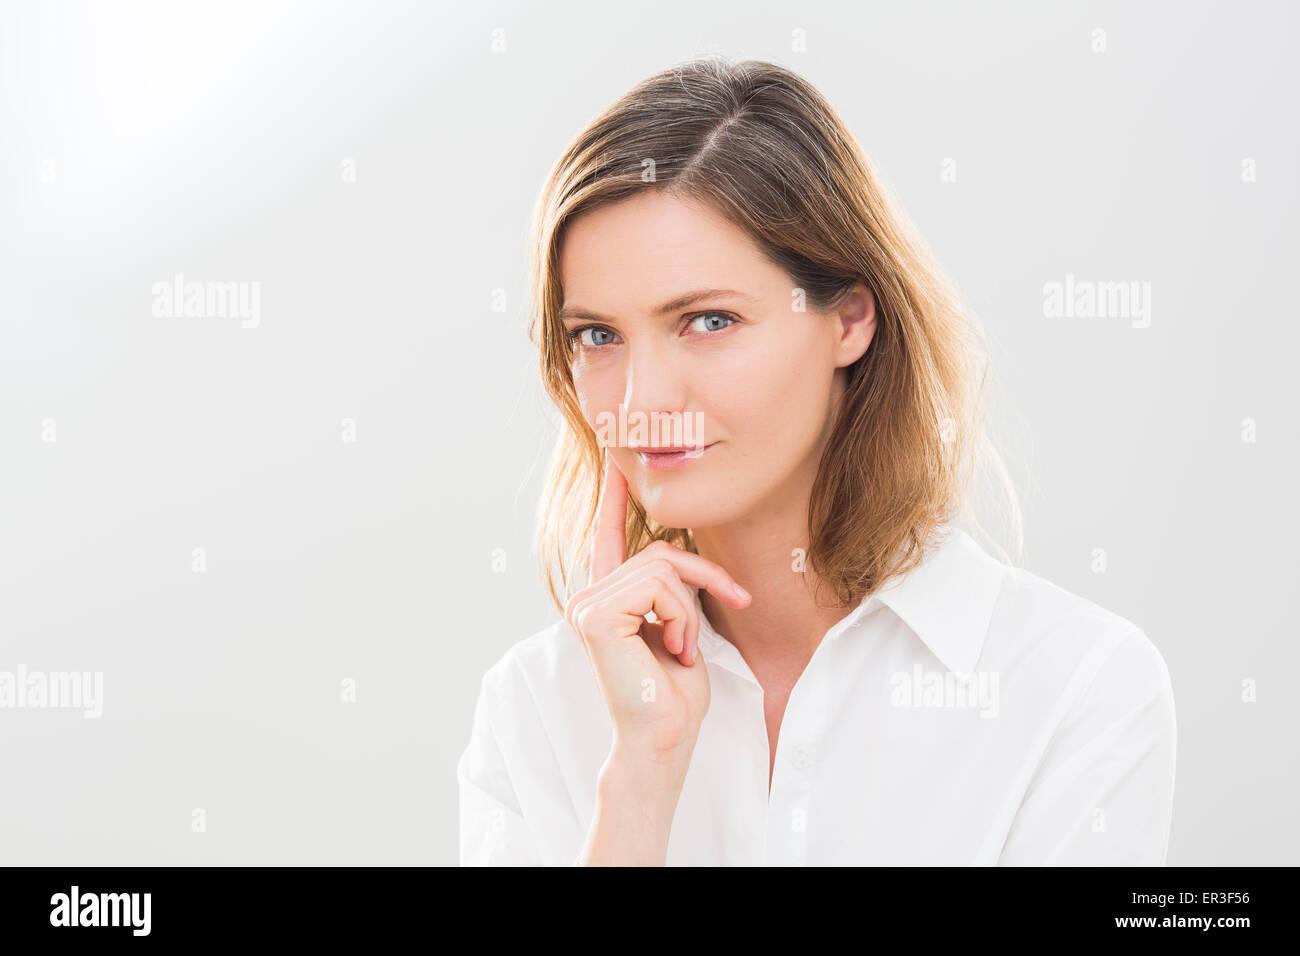 Porträt einer Frau. Stockbild